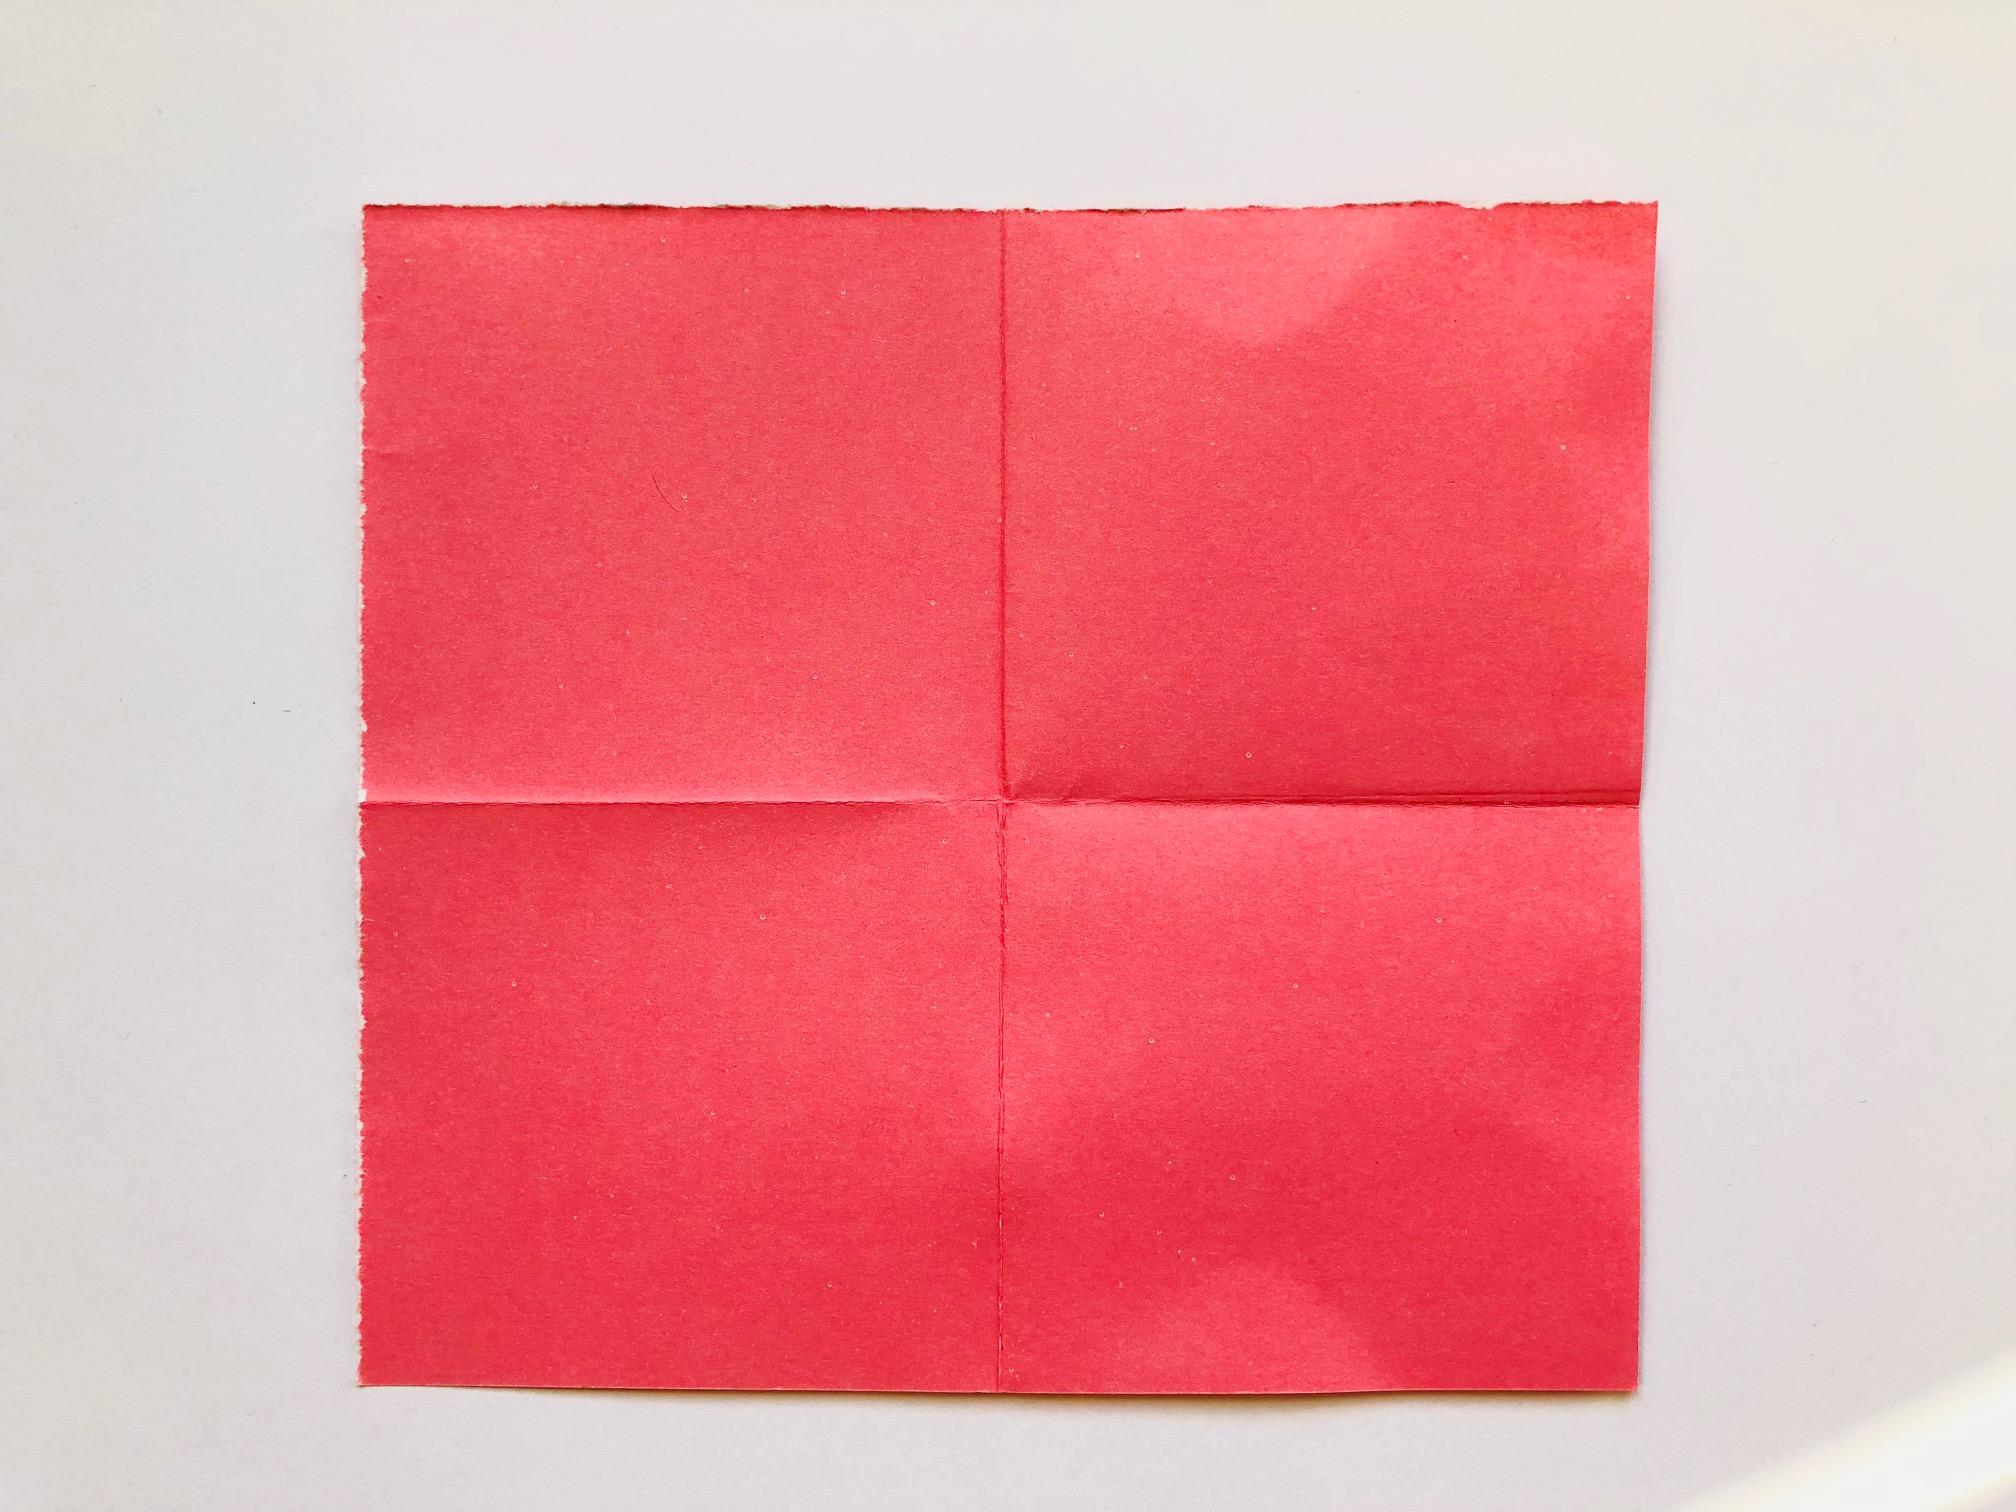 Exquisit Lesezeichen Basteln Aus Papier Sammlung Von 2. Daraufhin Eines Der Dabei Entstanden Quadrate